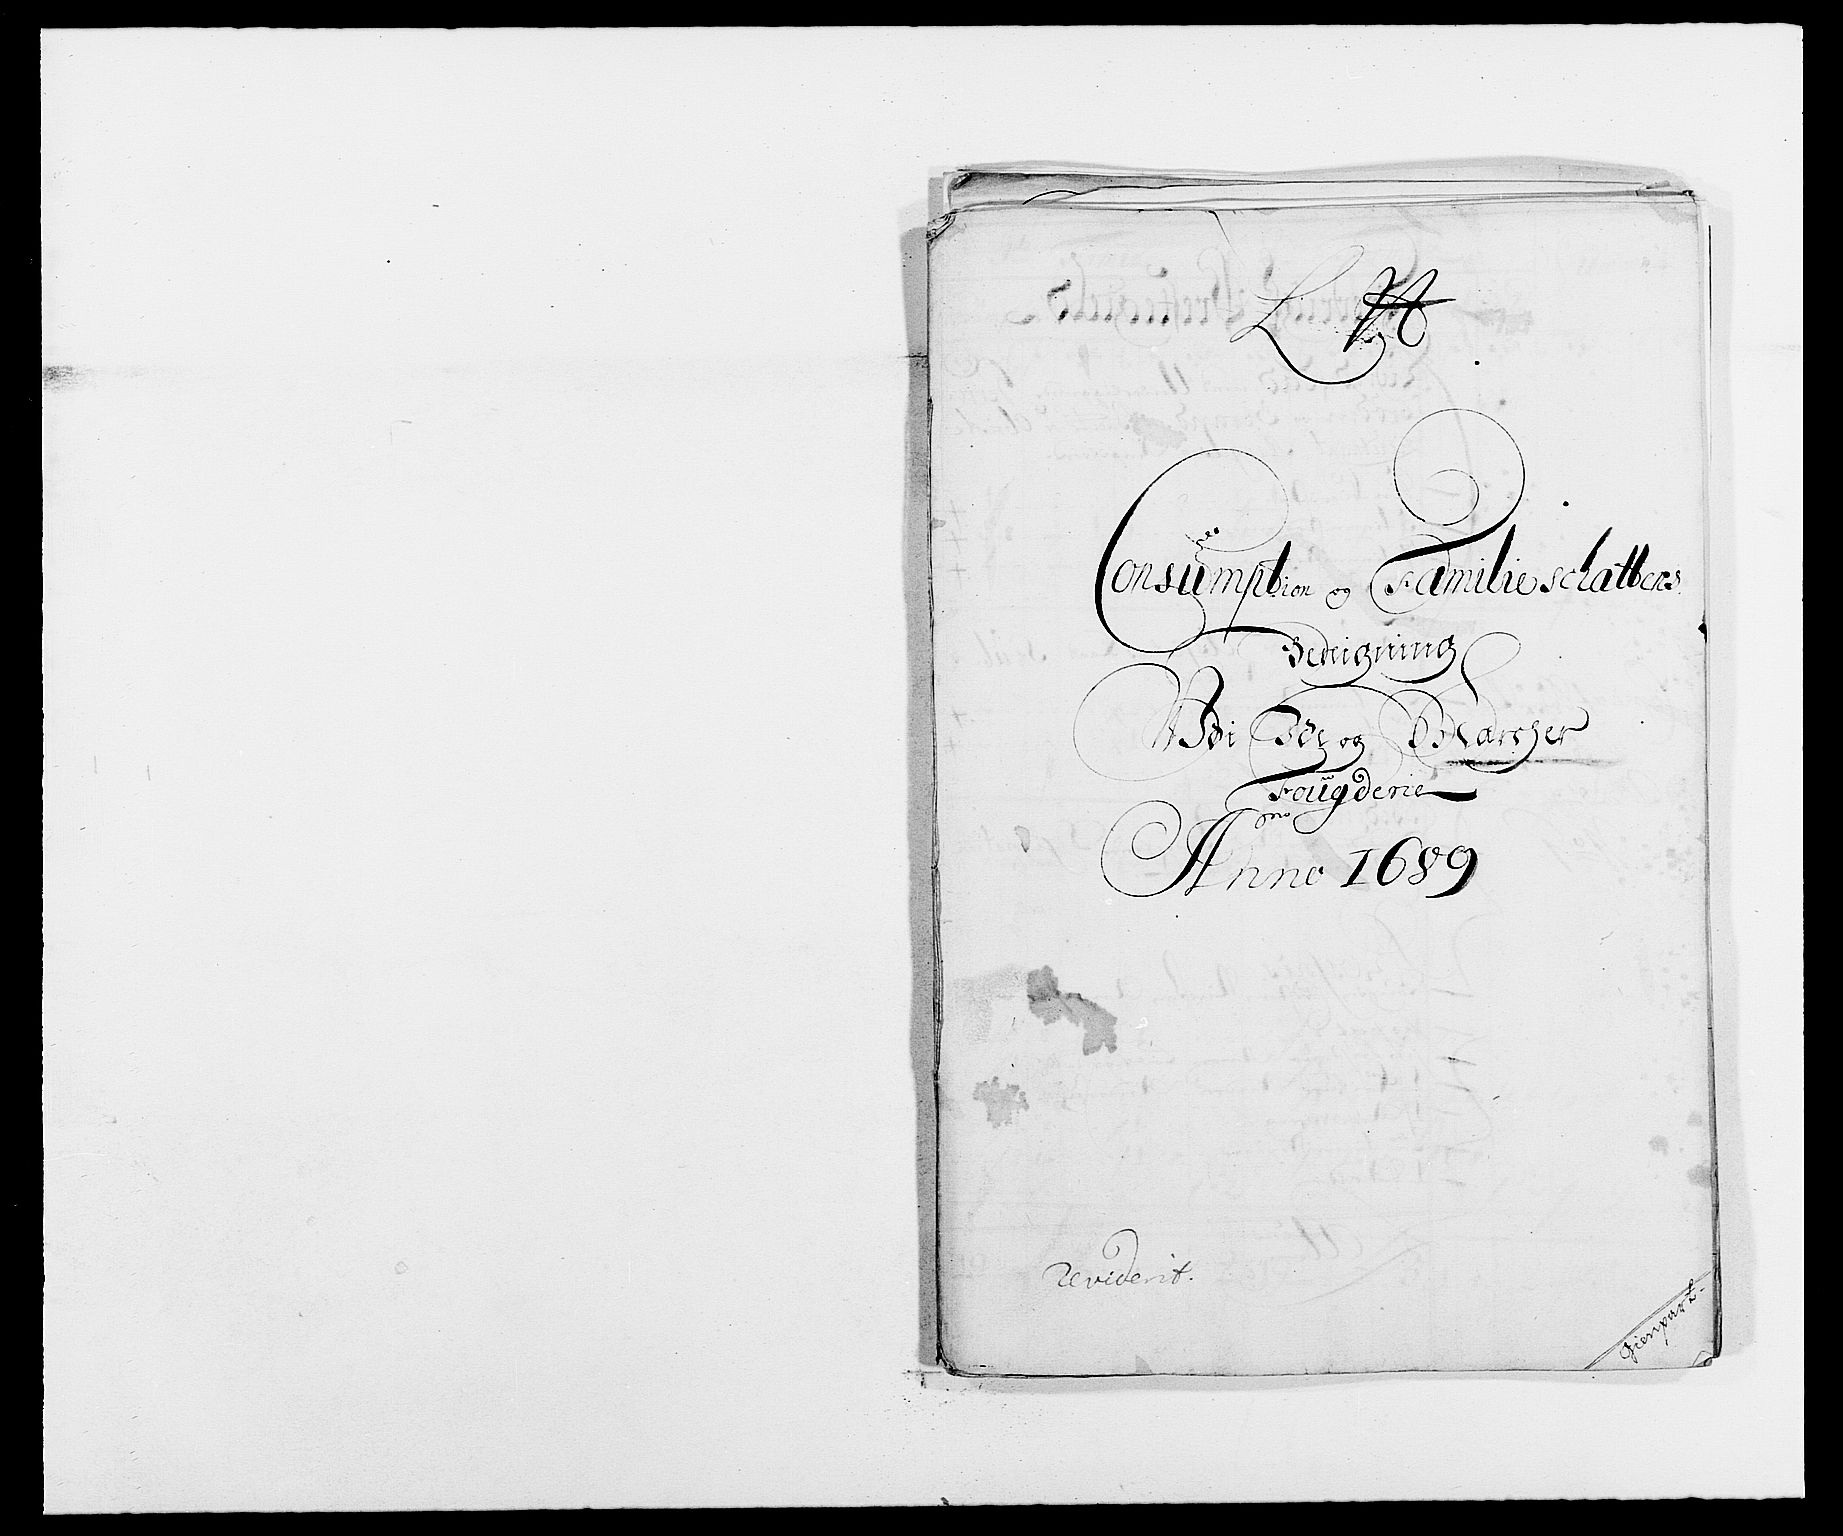 RA, Rentekammeret inntil 1814, Reviderte regnskaper, Fogderegnskap, R01/L0008: Fogderegnskap Idd og Marker, 1689, s. 203